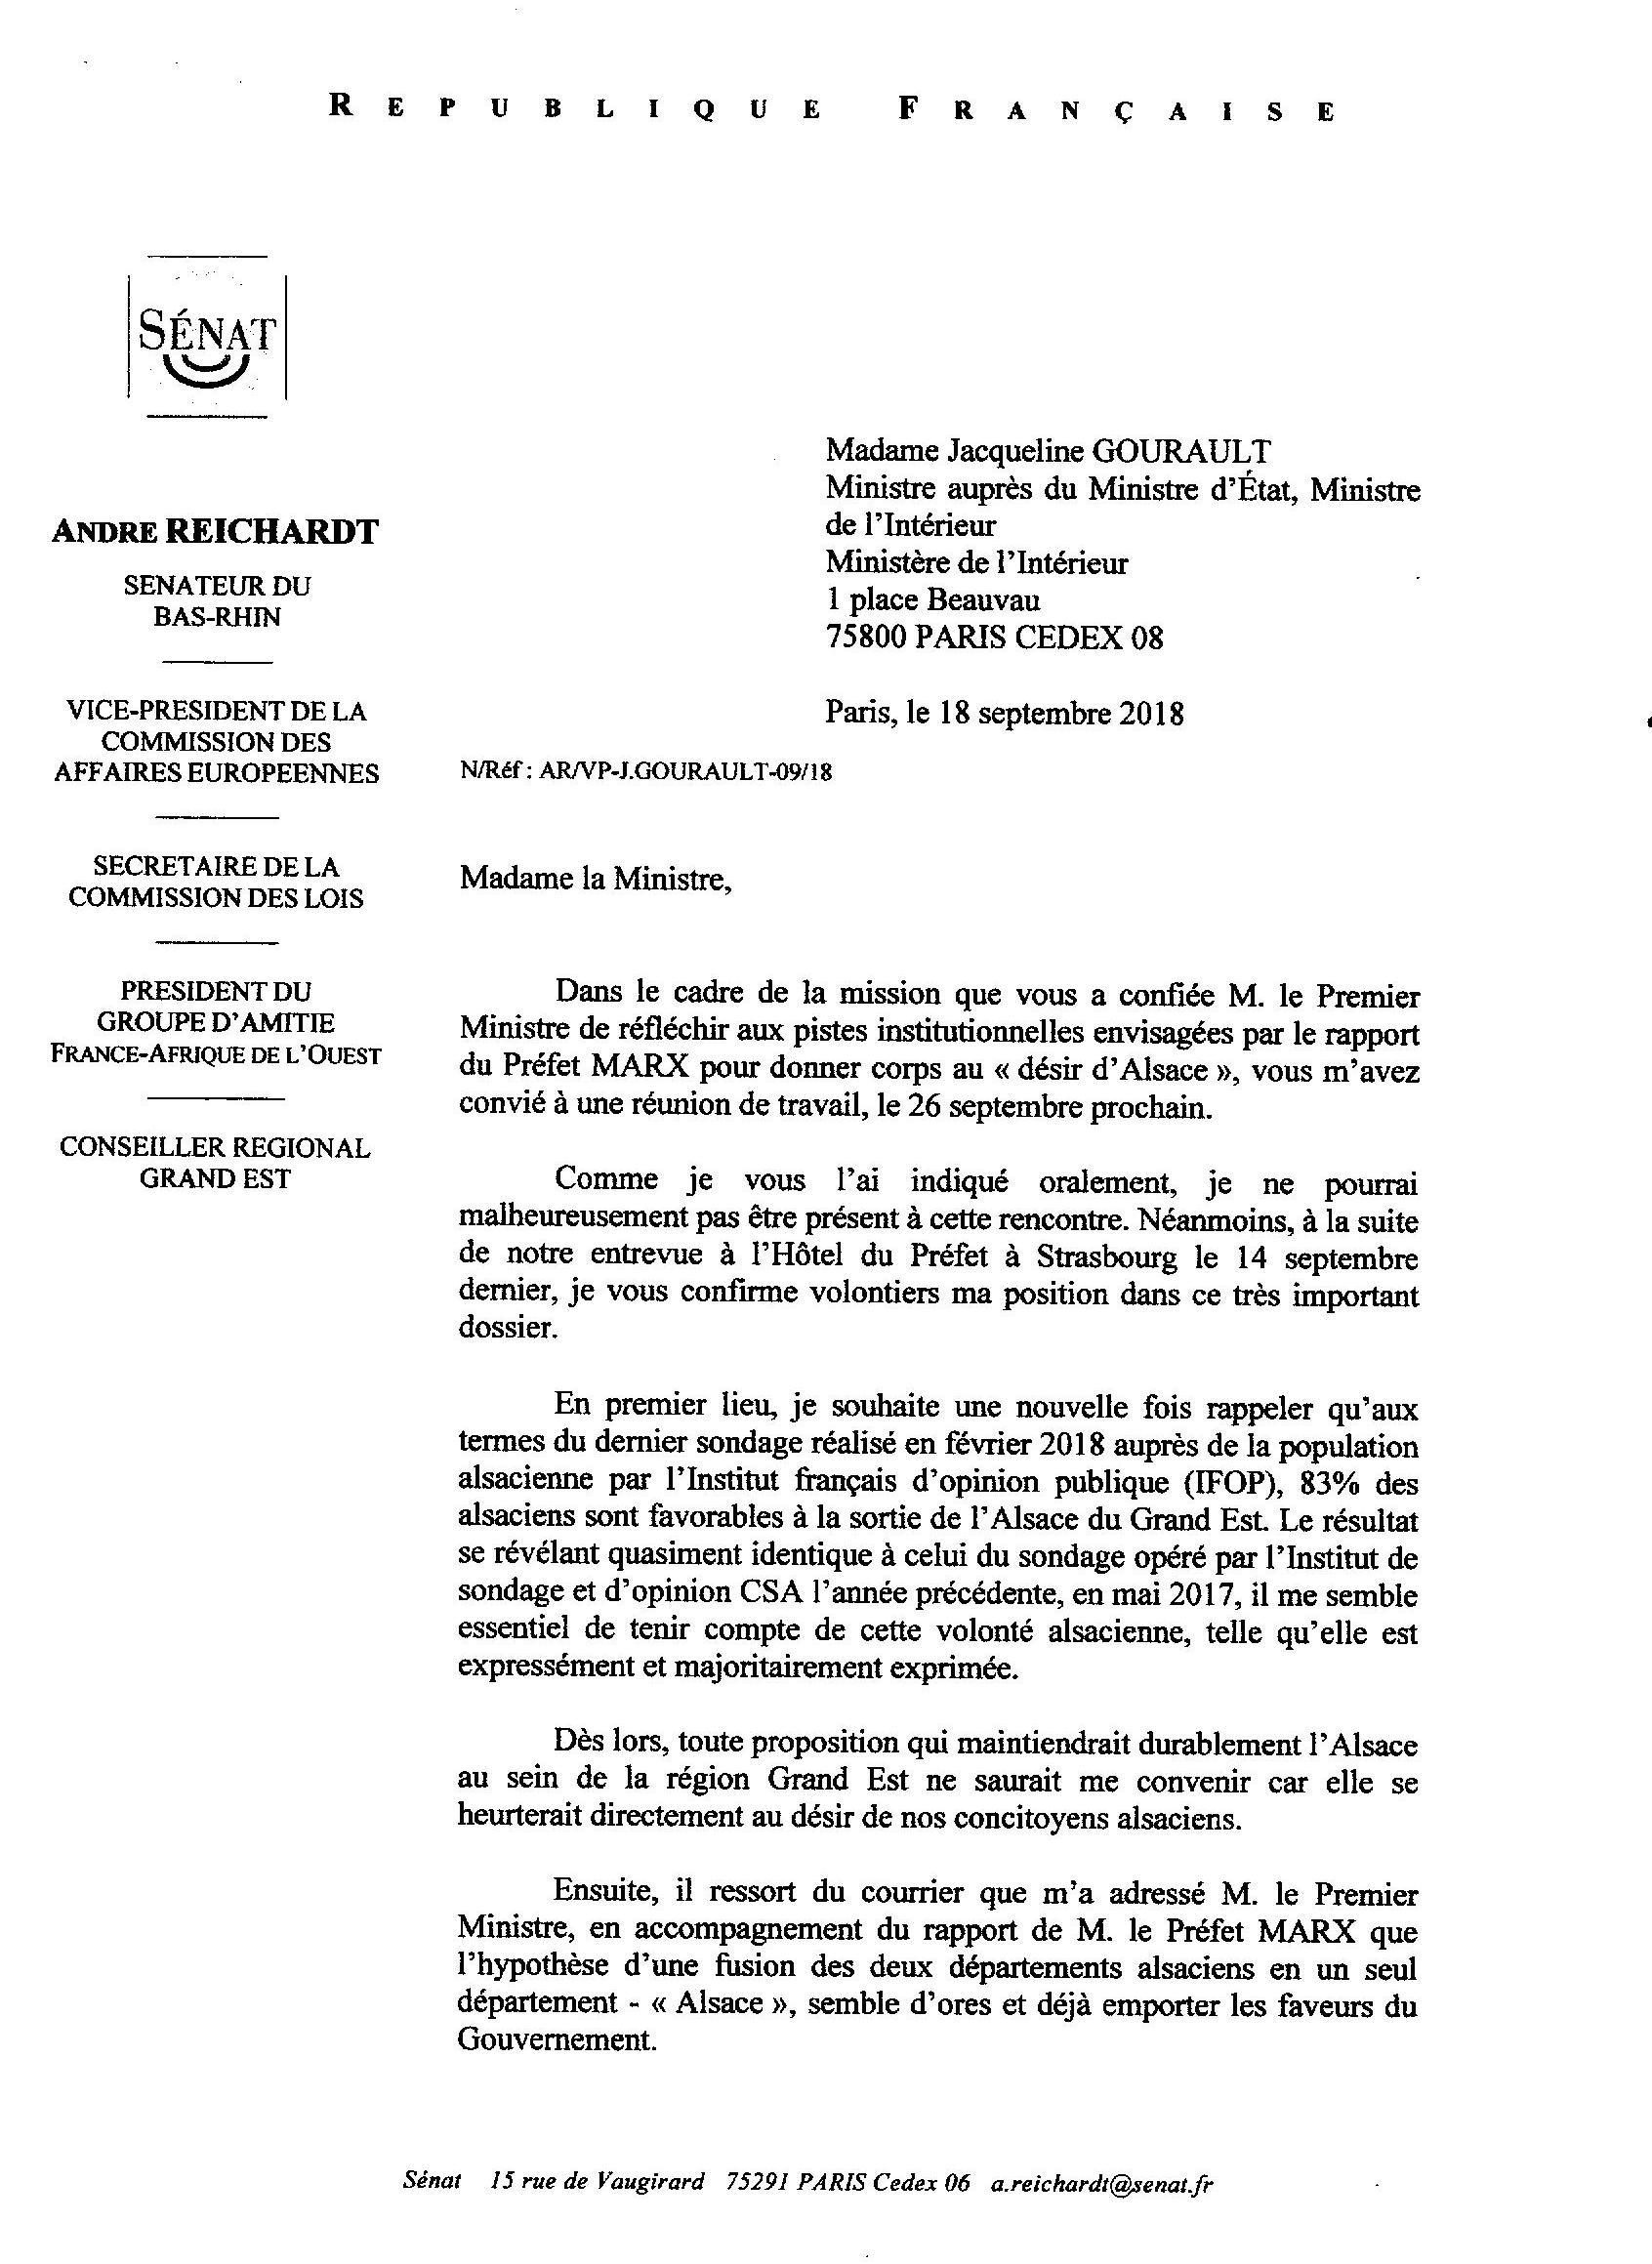 Avenir Institutionnel De L Alsace Mon Intervention Aupres De Mme